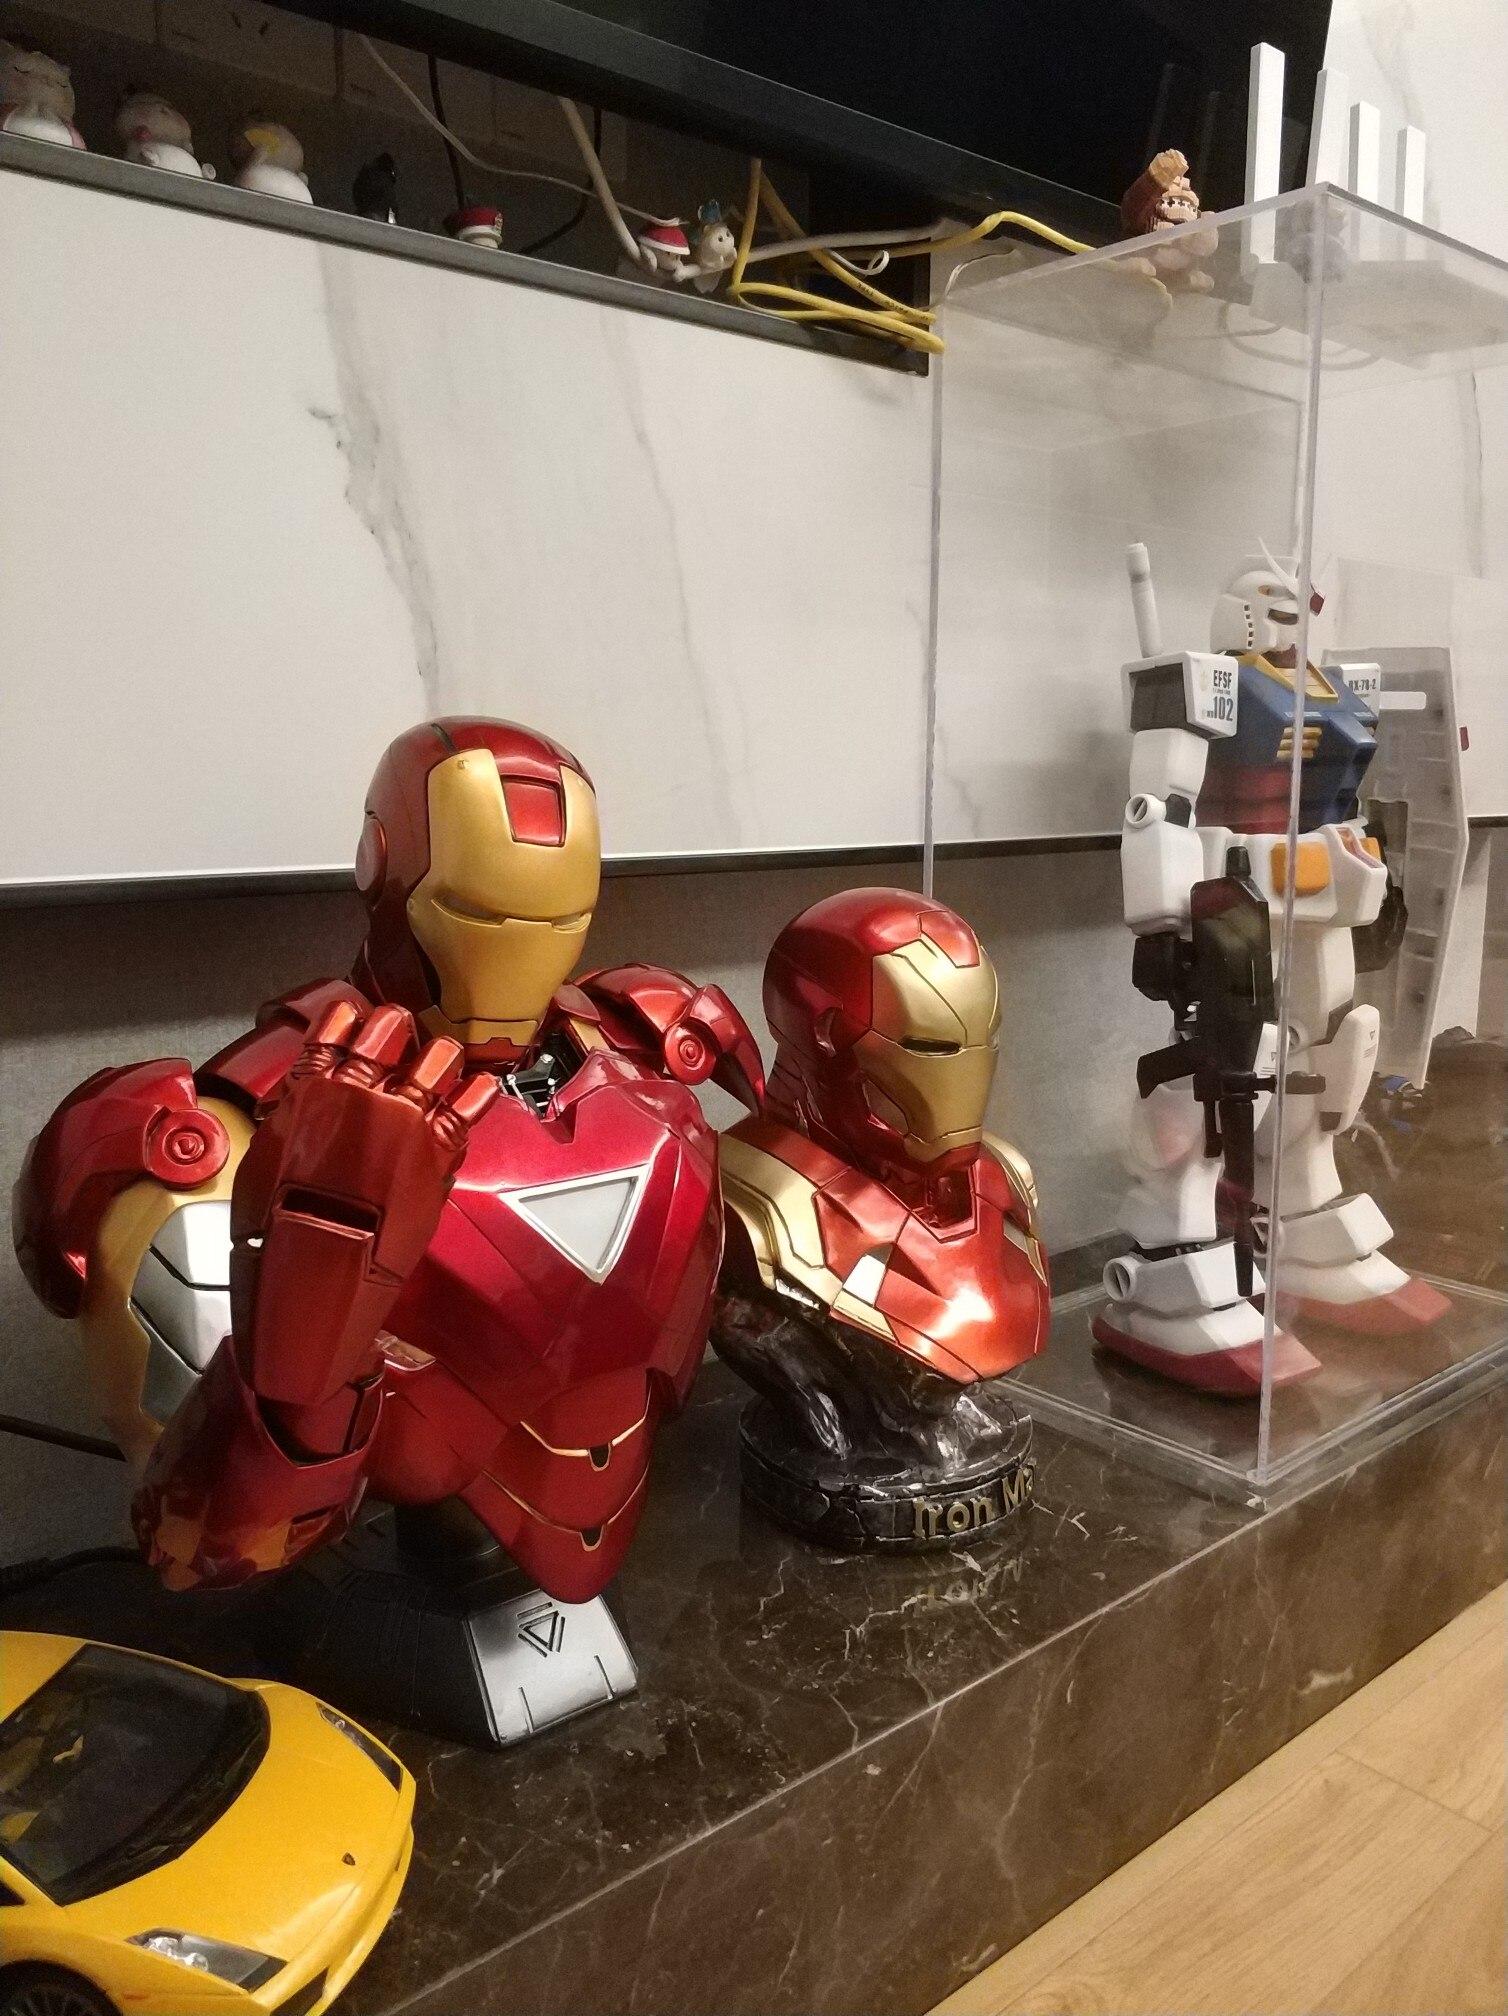 Бюст Железный Человек МК 6 Статуя Светодиодная Подсветка - hfc69582499034228b0907eac4f9e4e8cs